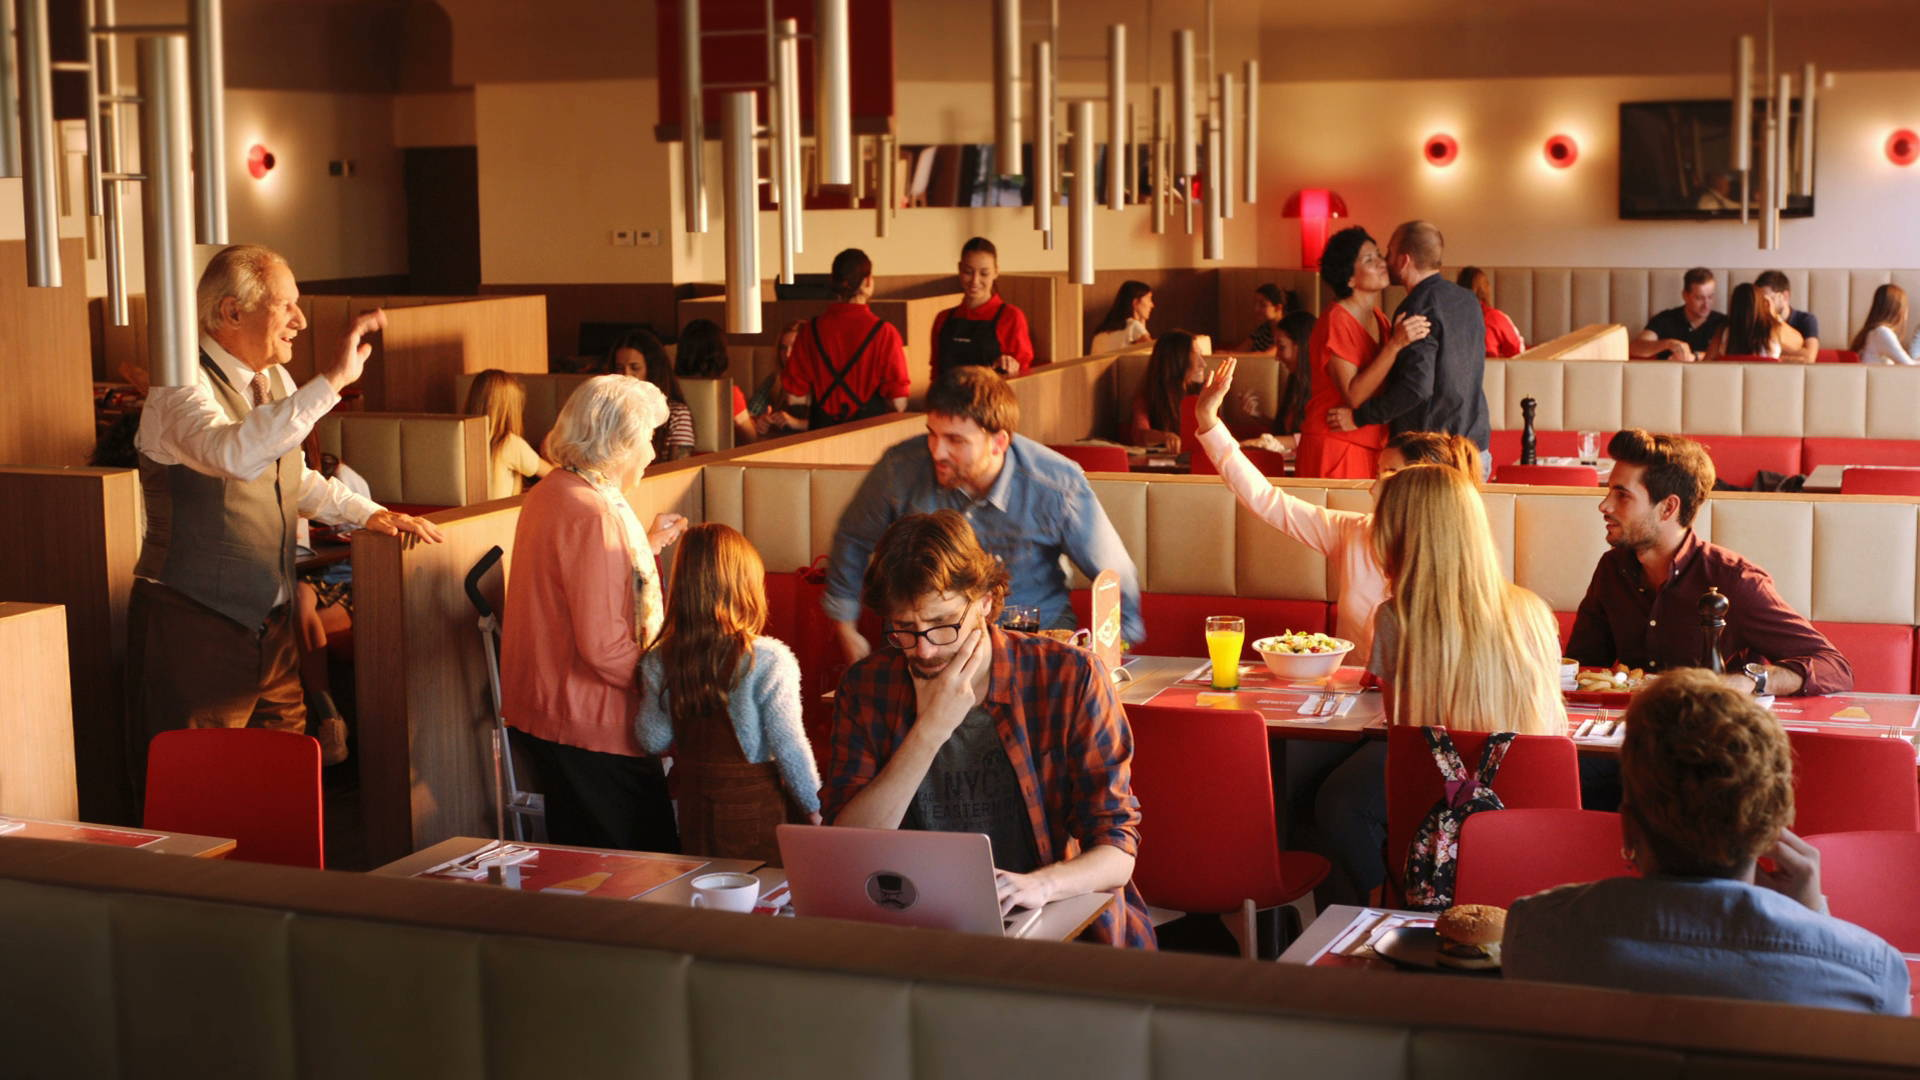 El programa 'Camino al Empleo' del Grupo Vips ha formado a un total de 1.683 personas en hostelería y habilidades para el empleo.